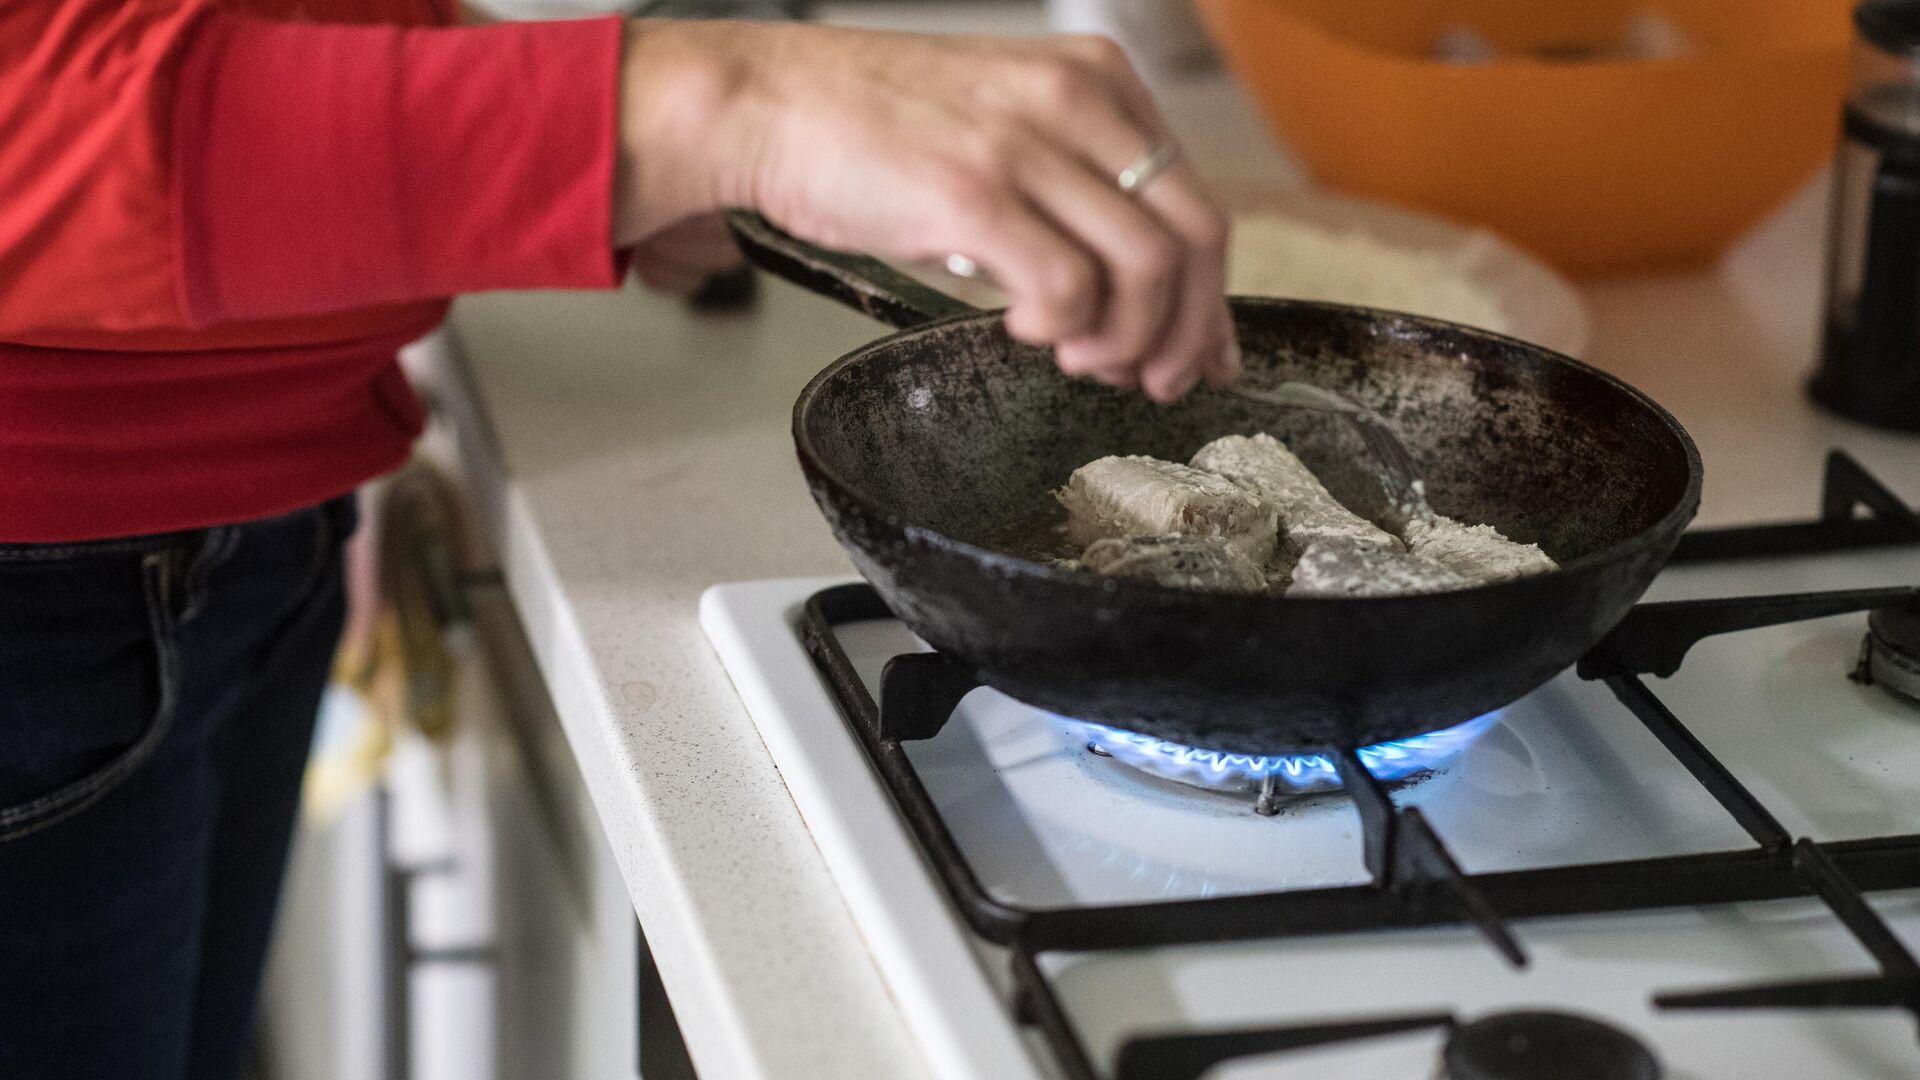 Женщина жарит рыбу на сковородке - РИА Новости, 1920, 05.02.2021